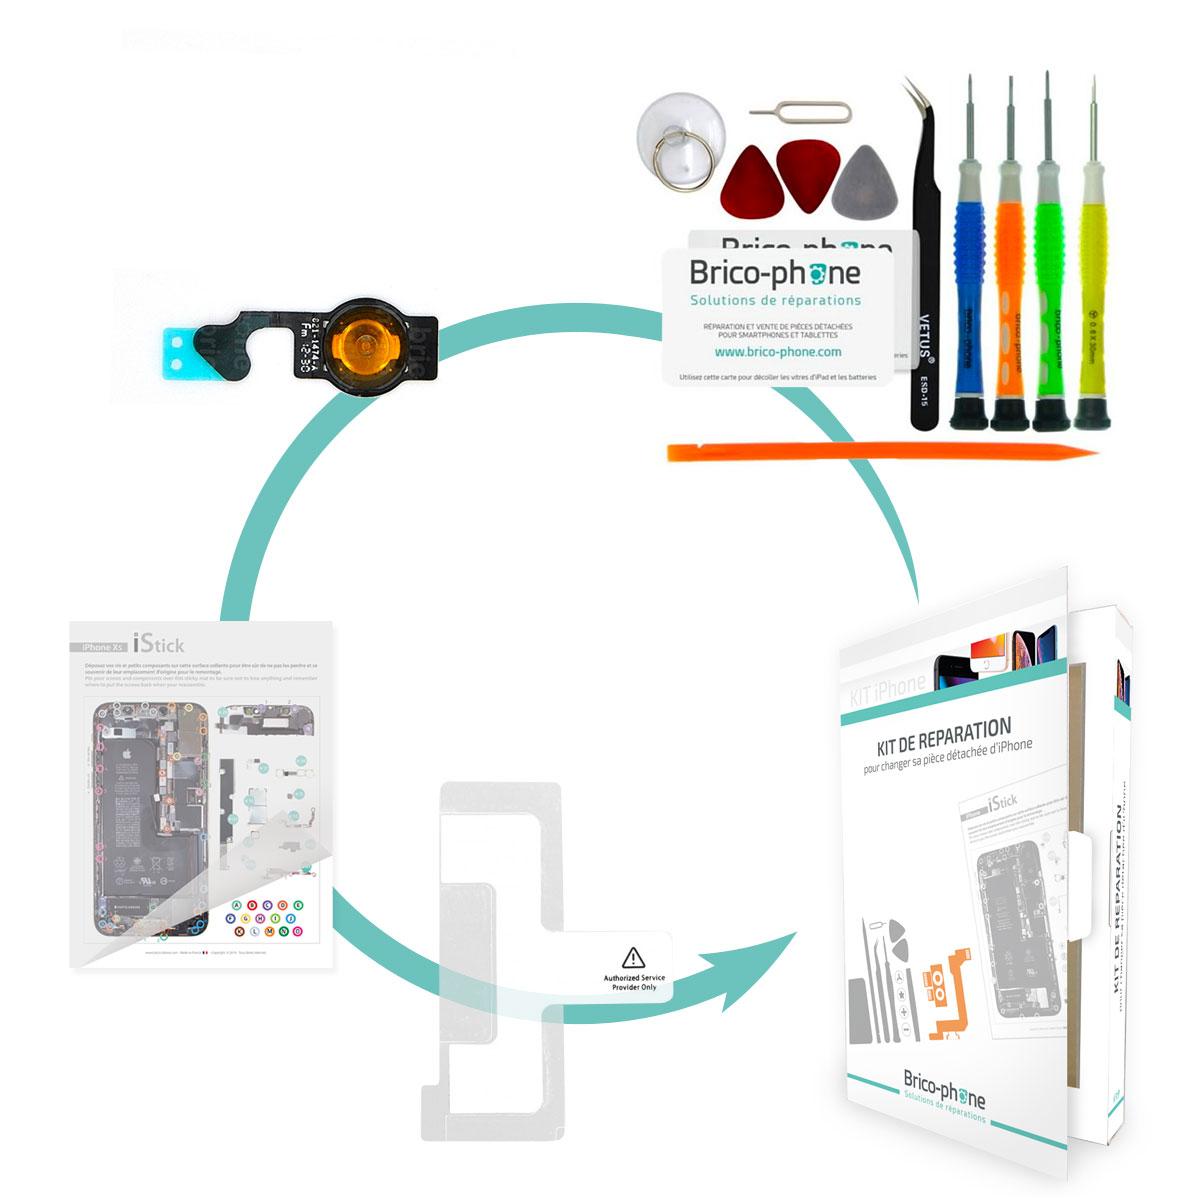 Kit Brico-phone pour changer la nappe home iPhone 5